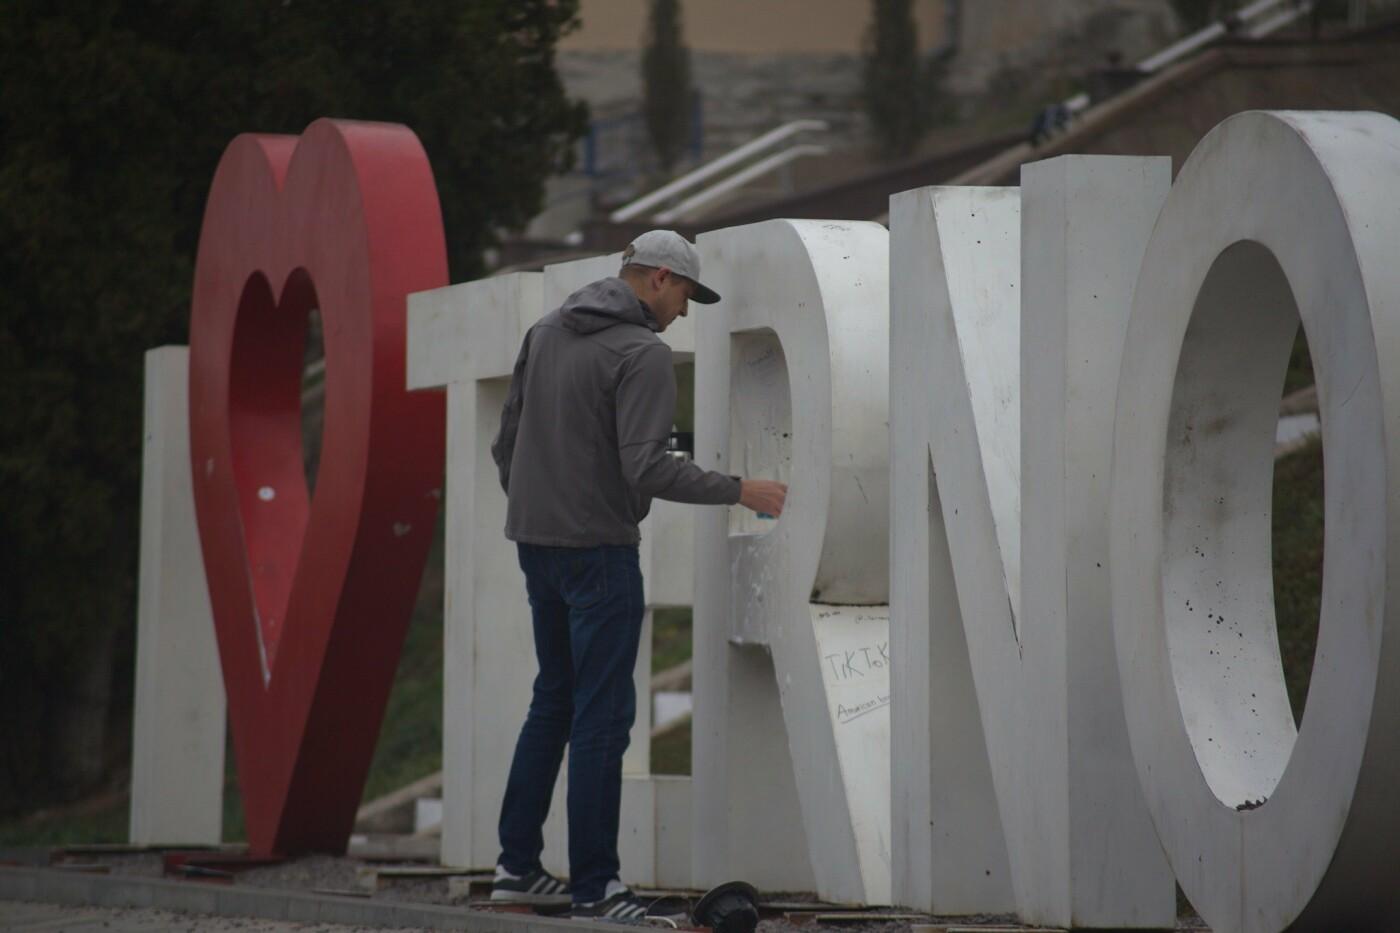 """В Тернополі є Люди і лЮДИ: впізнаване лого """"Я люблю Тернопіль"""" понищили до невпізнанності (ФОТОФАКТ, ВІДЕО) , фото-3"""